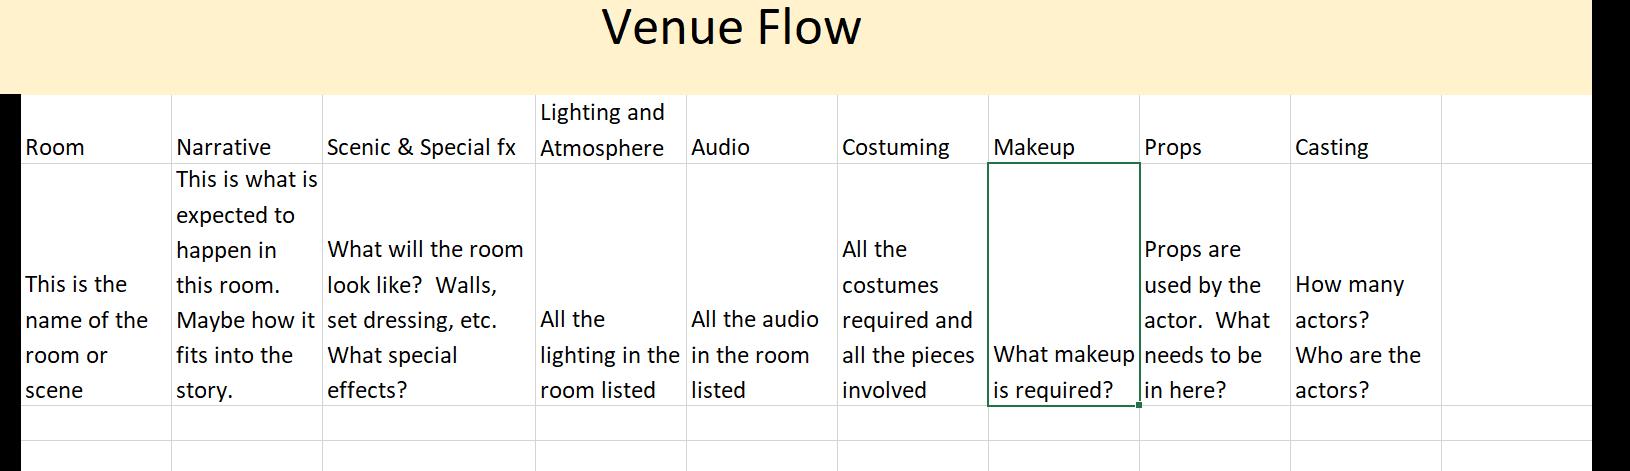 Name:  venue flow image.PNG Views: 59 Size:  43.8 KB